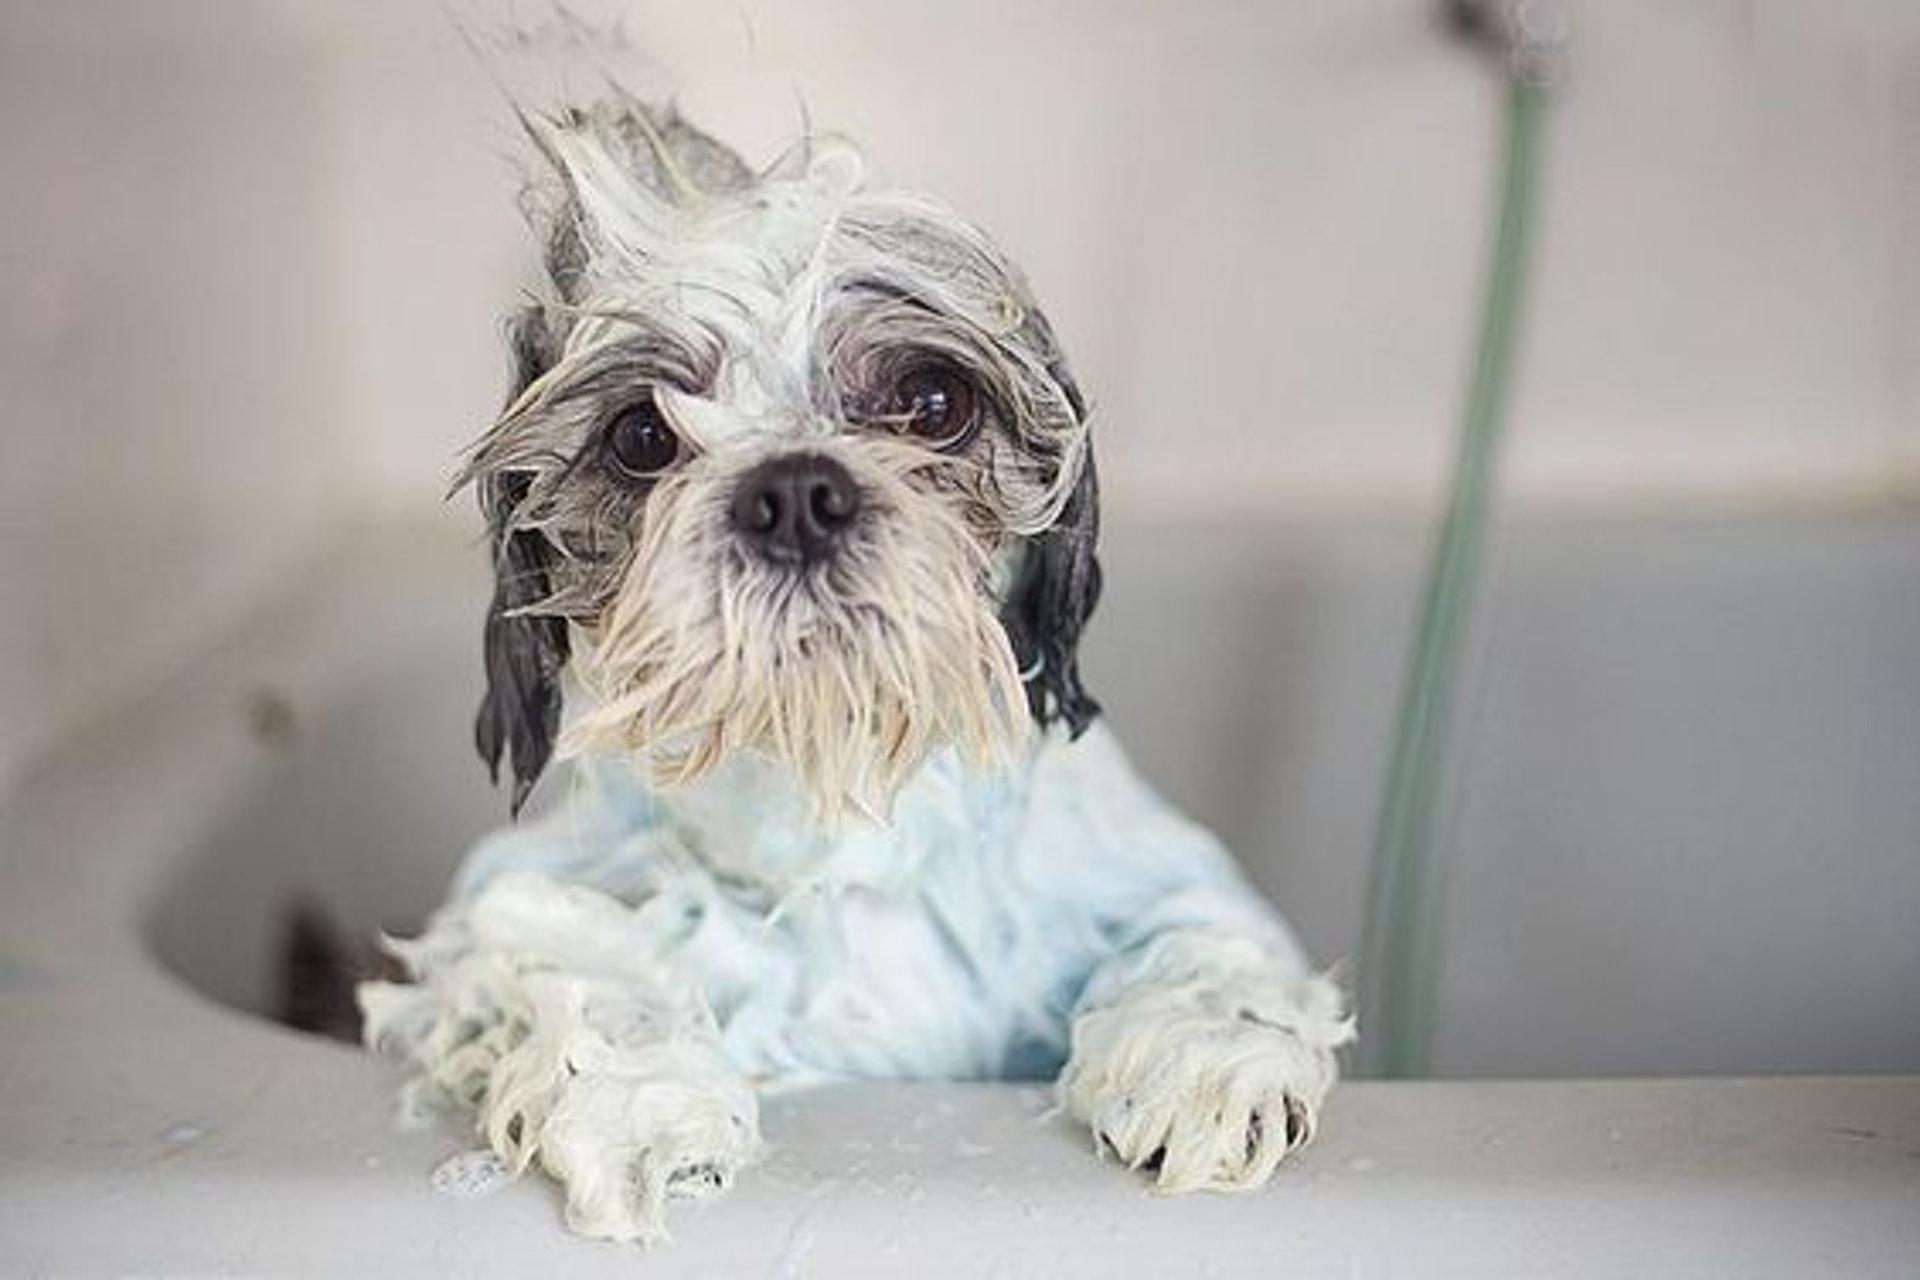 幫狗狗洗澡,有可能可以擺脫現有的跳蚤,但也不一定能讓它們脫落。(Pinterest)